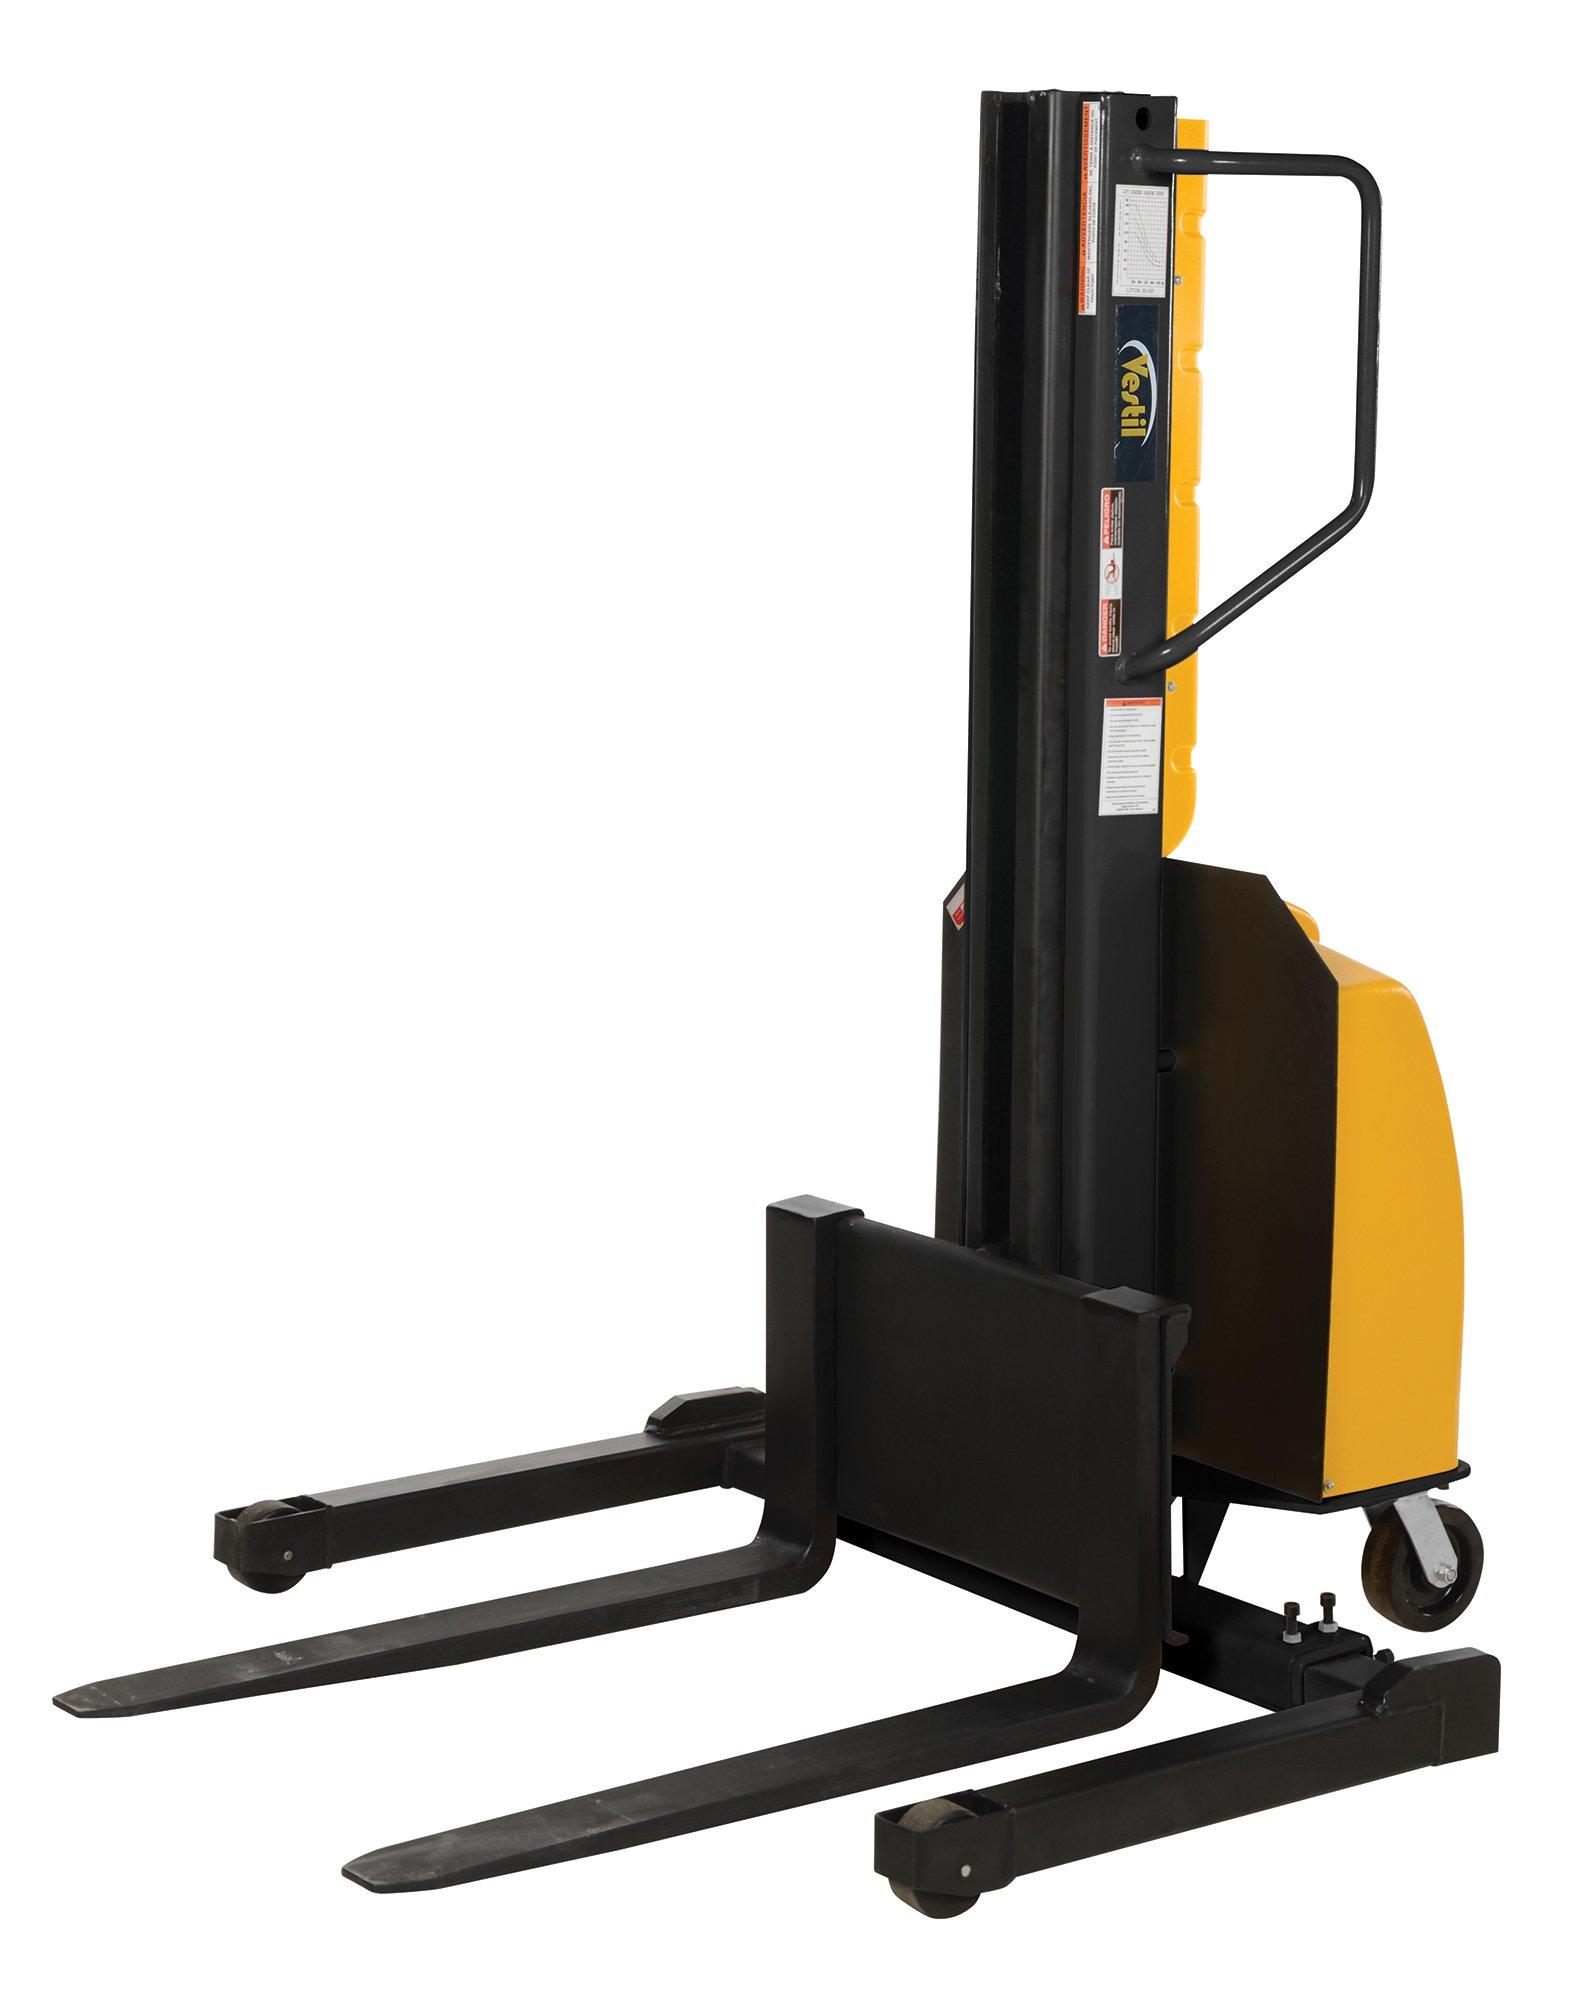 Vestil SLNM-98-AA Stacker Power Lift Adjustable Fork, 98'', Yellow